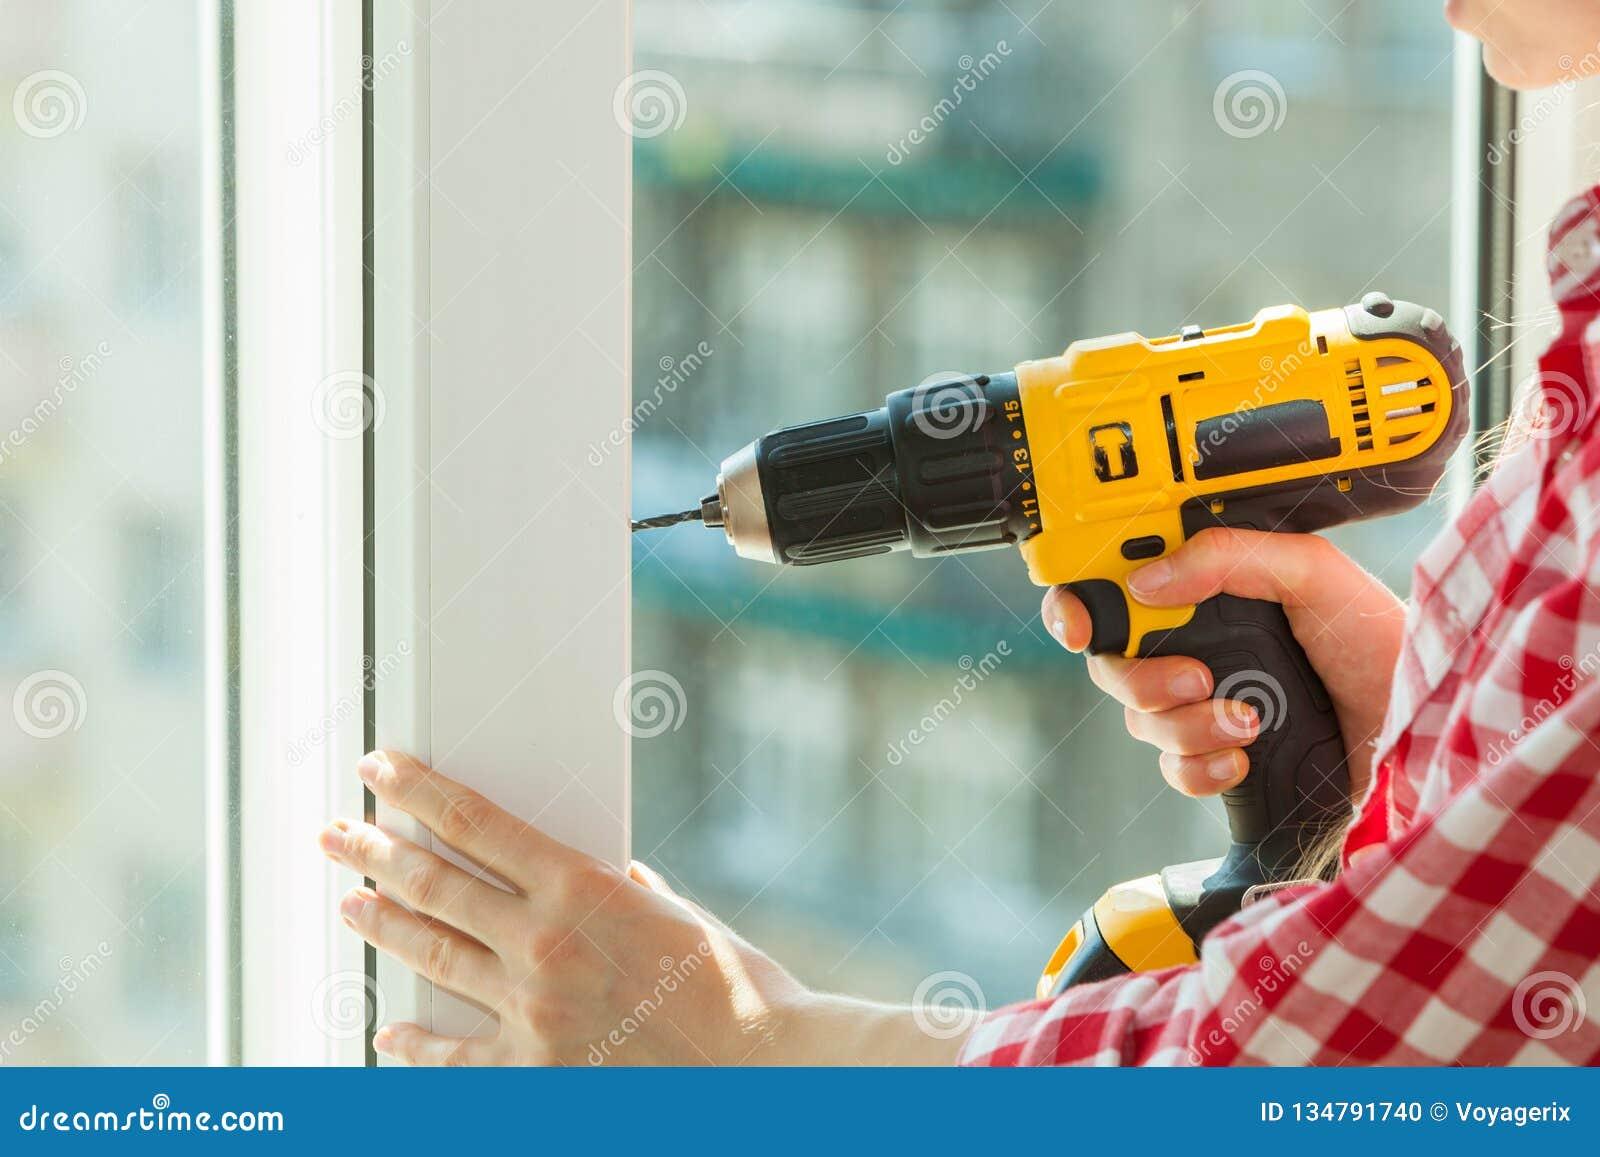 Πρόσωπο που χρησιμοποιεί το τρυπάνι στο παράθυρο